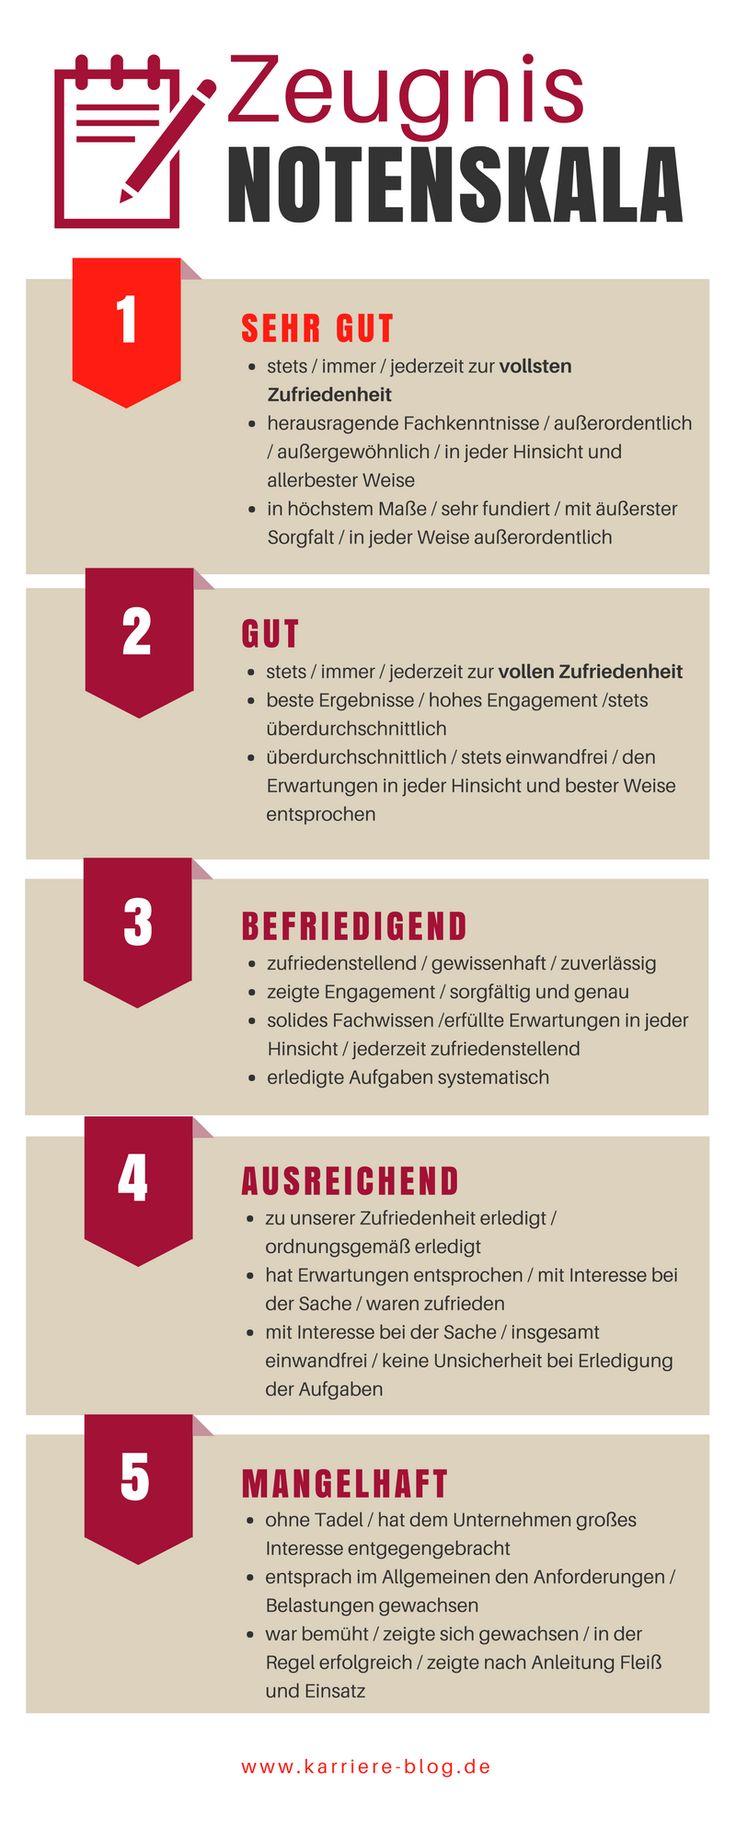 Etzi-Haus – Leistbare Architektur // Günstige Ziegelmassivhäuser geplant vom Architekten in Vorchdorf, Eugendorf, Wien, Salzburg, Linz. – Flachdach – julia s